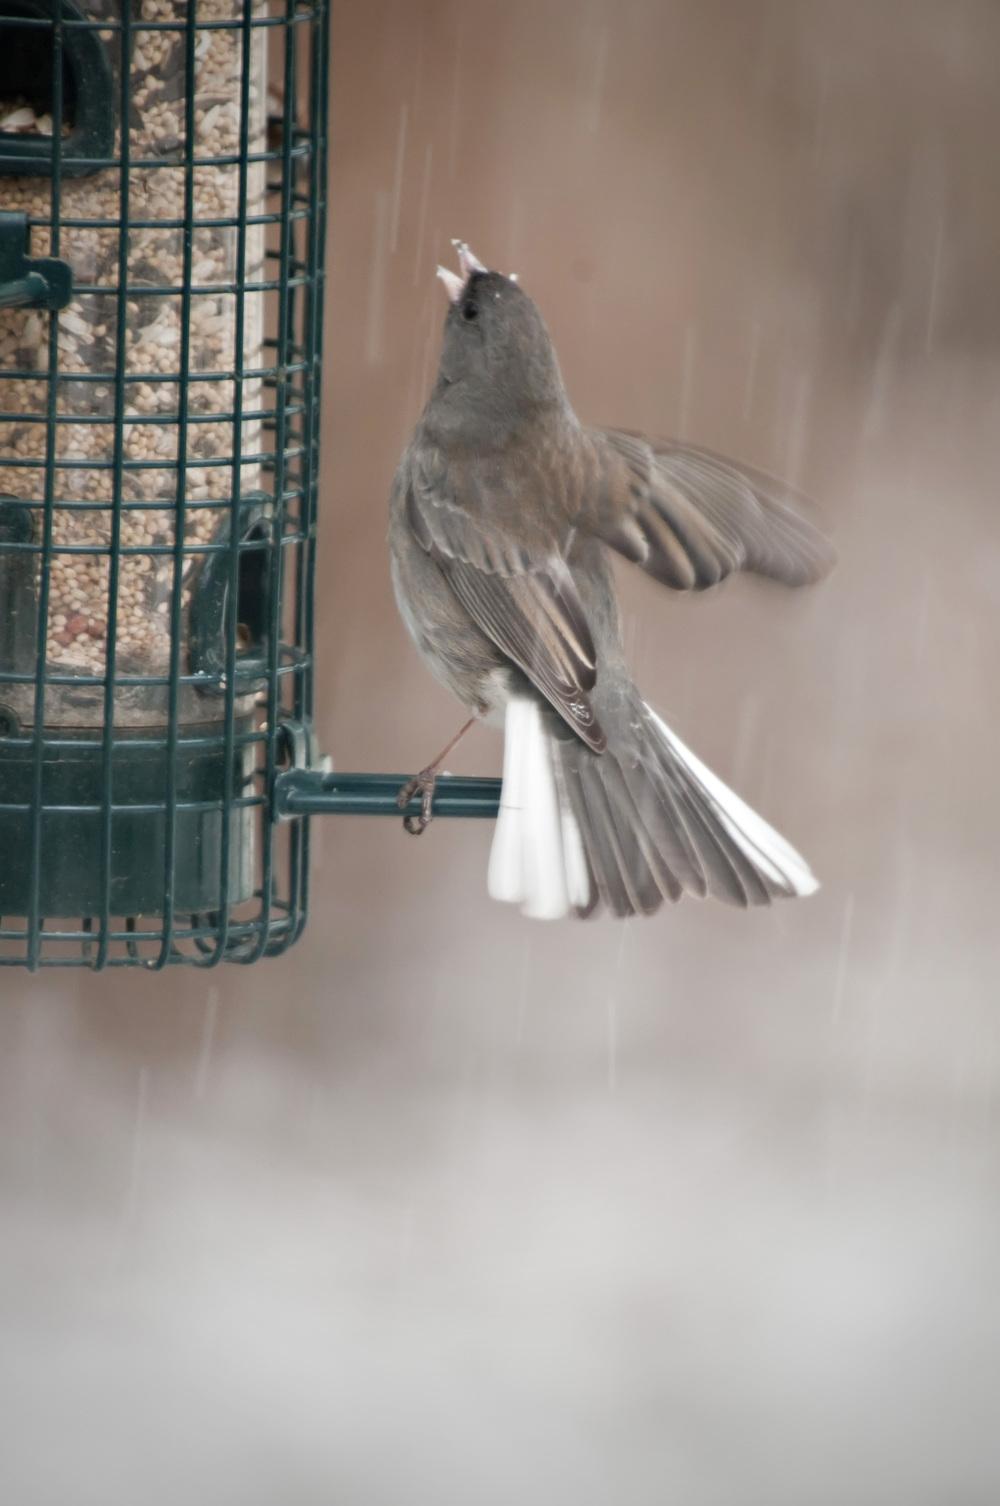 snowy feeder